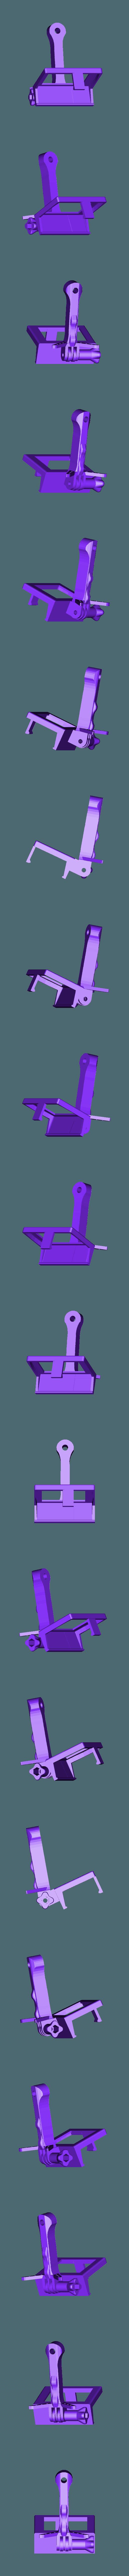 full_2.stl Télécharger fichier STL gratuit Monture Xiaomi Yi lite + Mini poignée • Design à imprimer en 3D, mwilmars